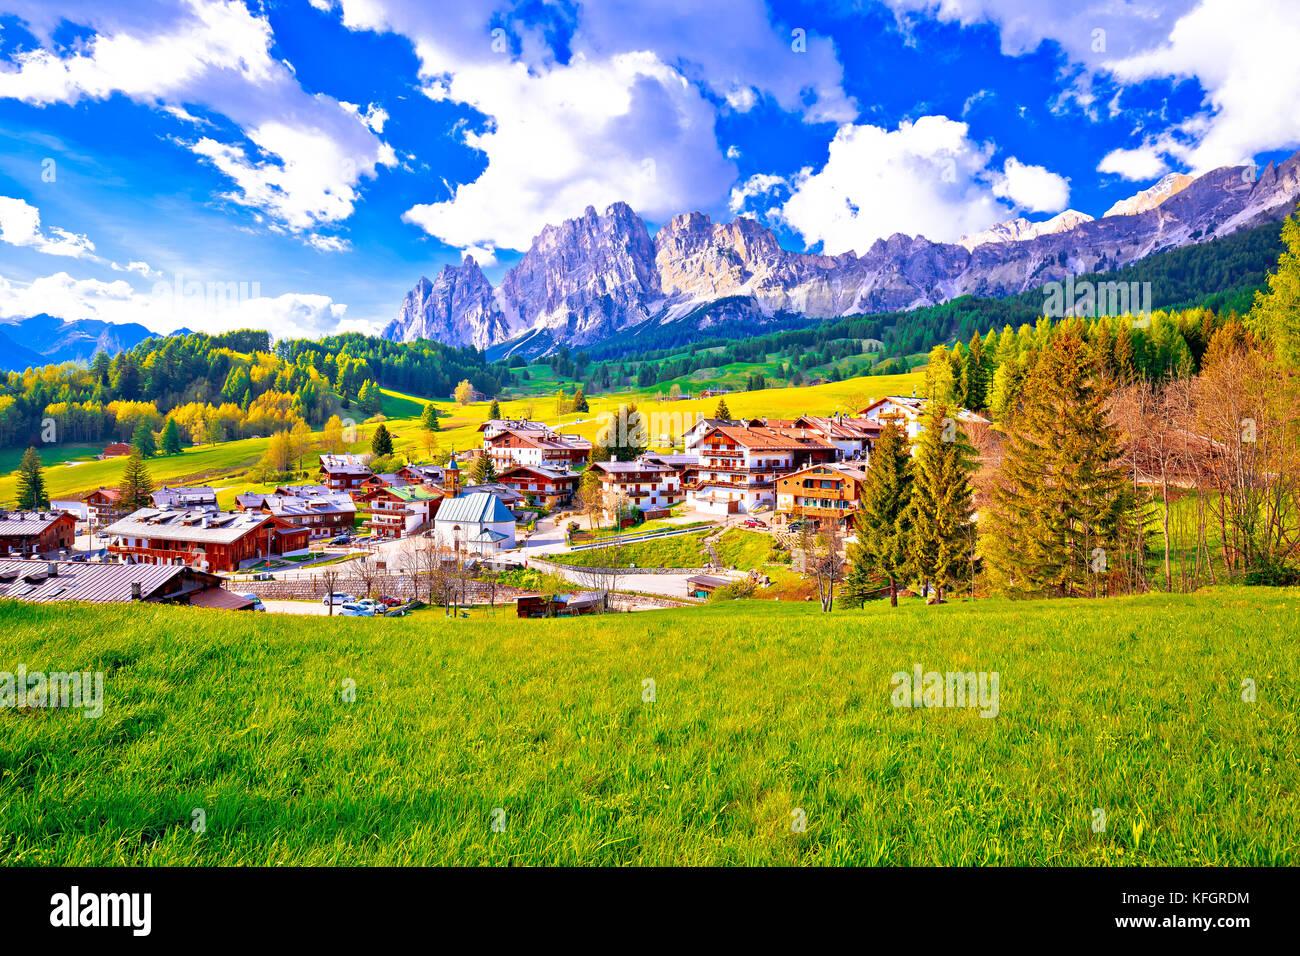 Hermoso paisaje de Cortina d'Ampezzo en Dolomitas Alpes vista, región del Véneto, Italia Foto de stock